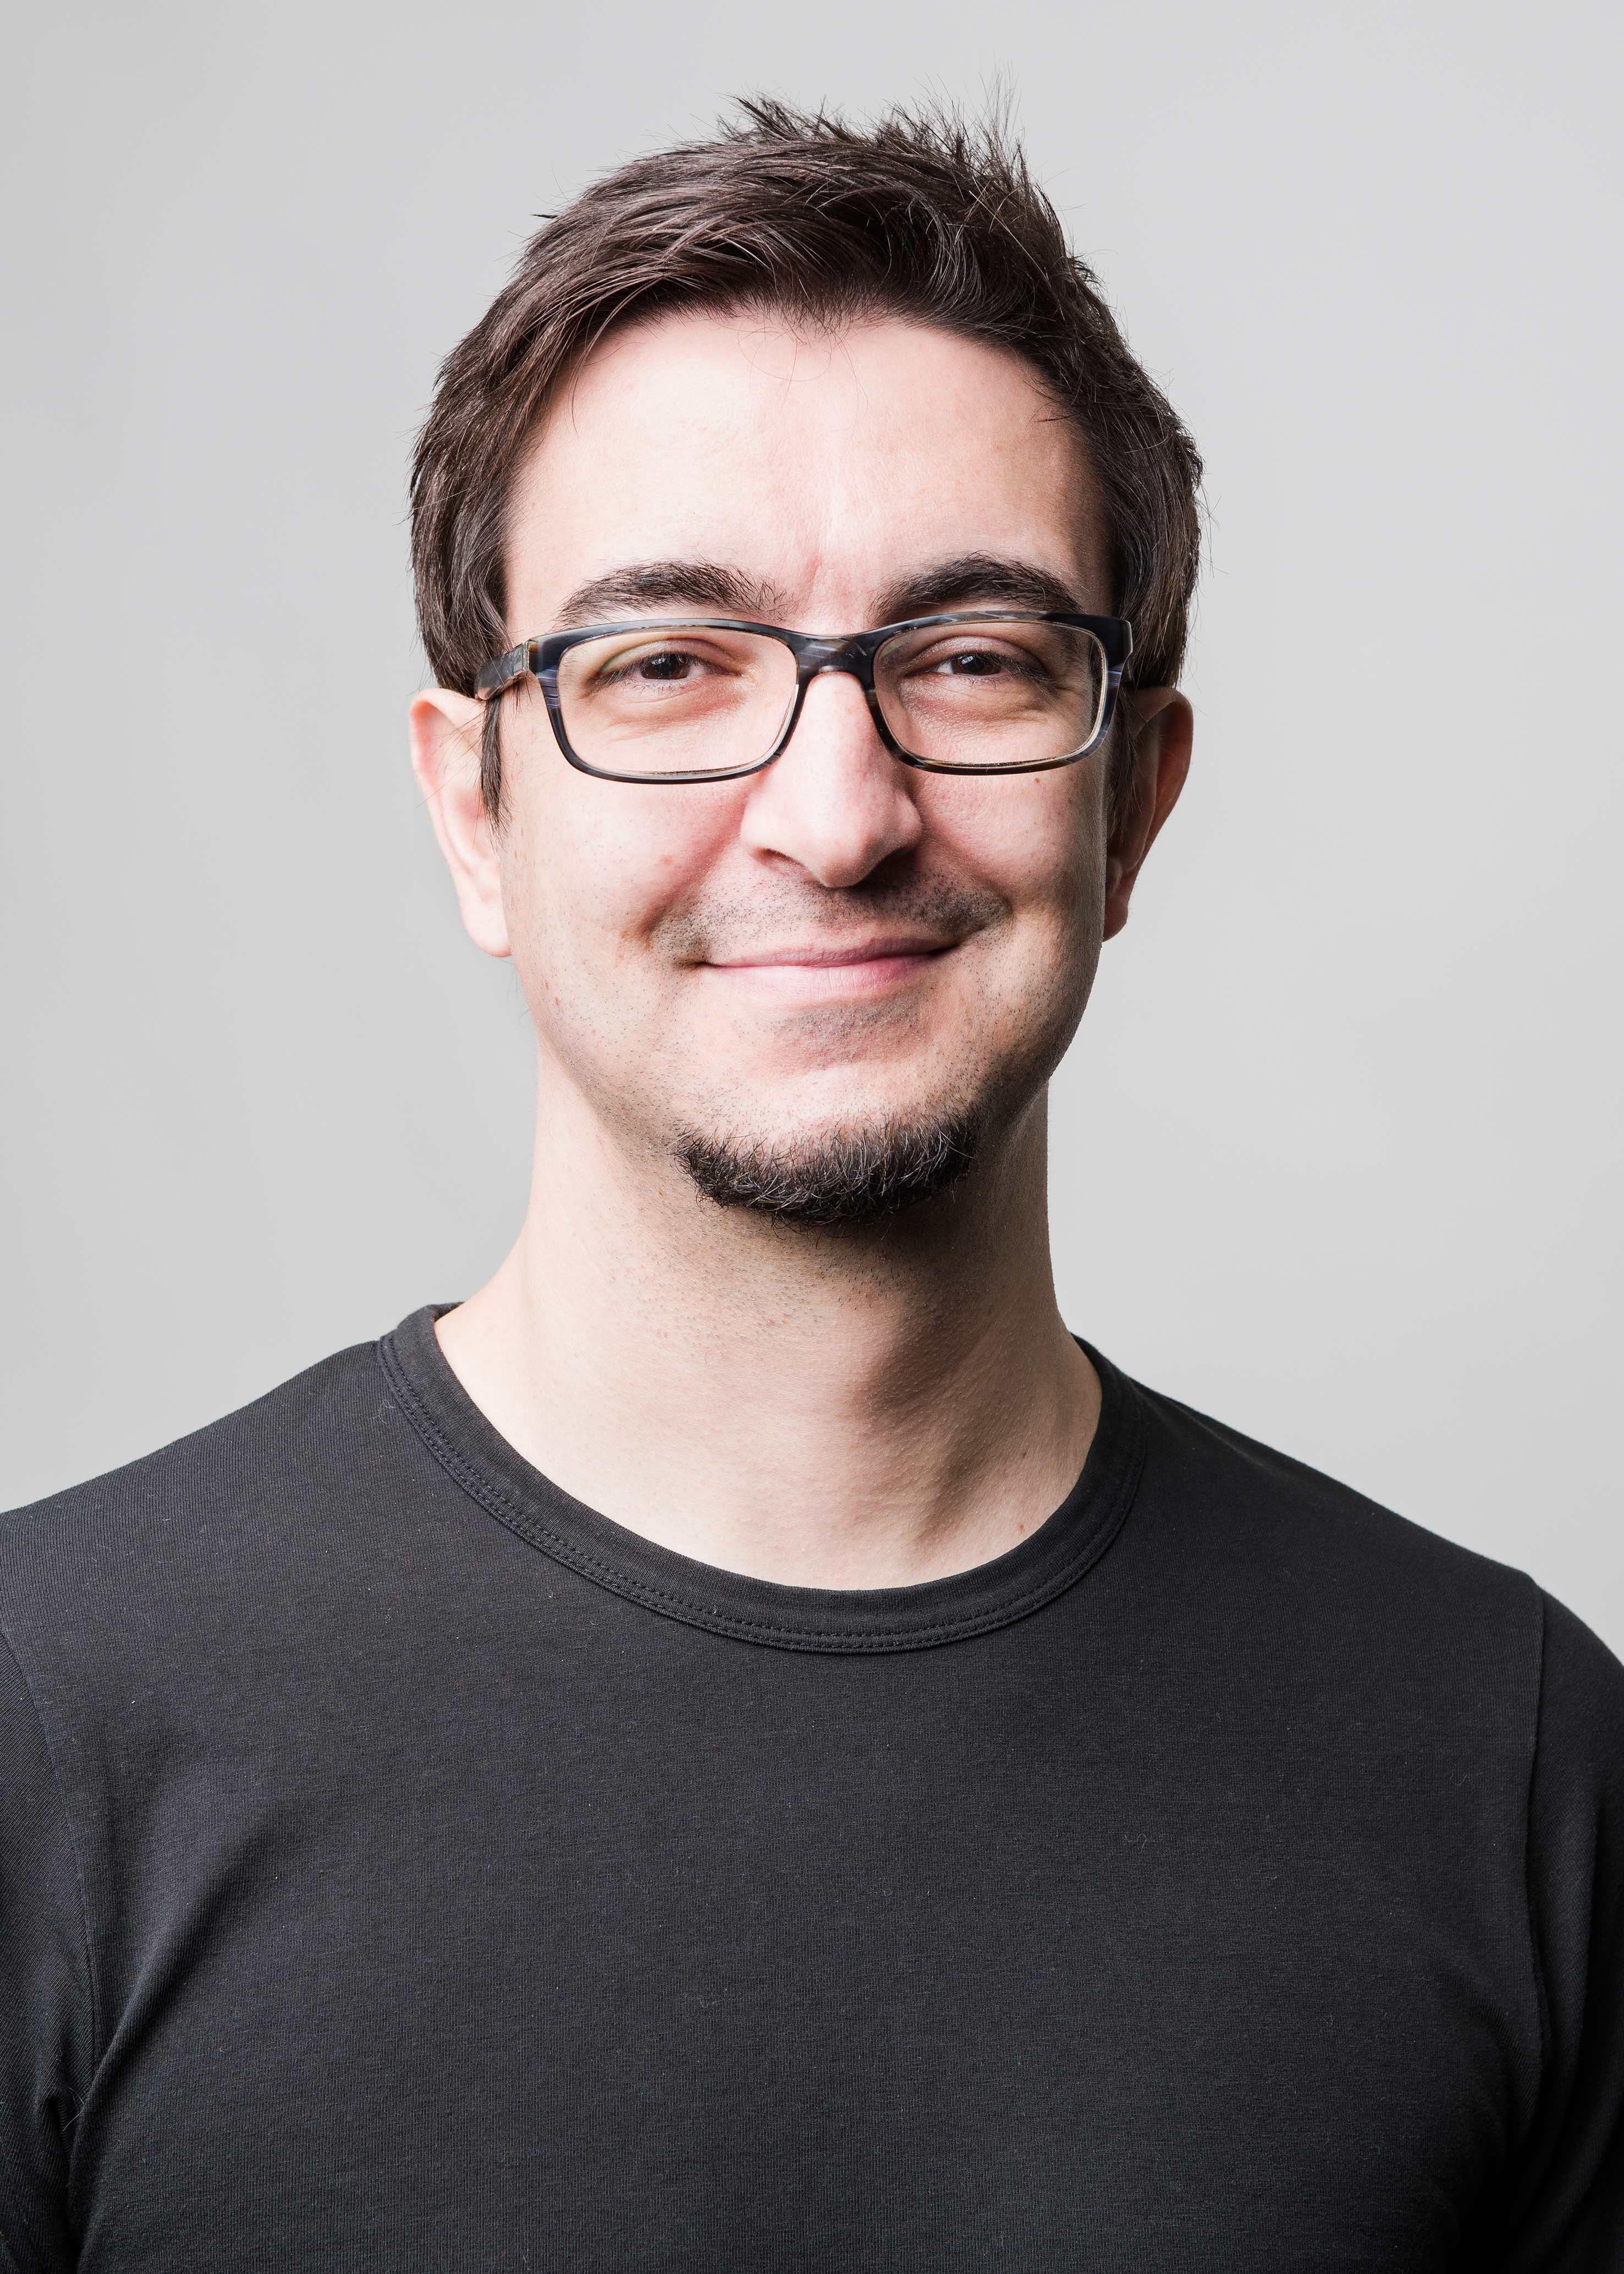 André Argollo Pitta